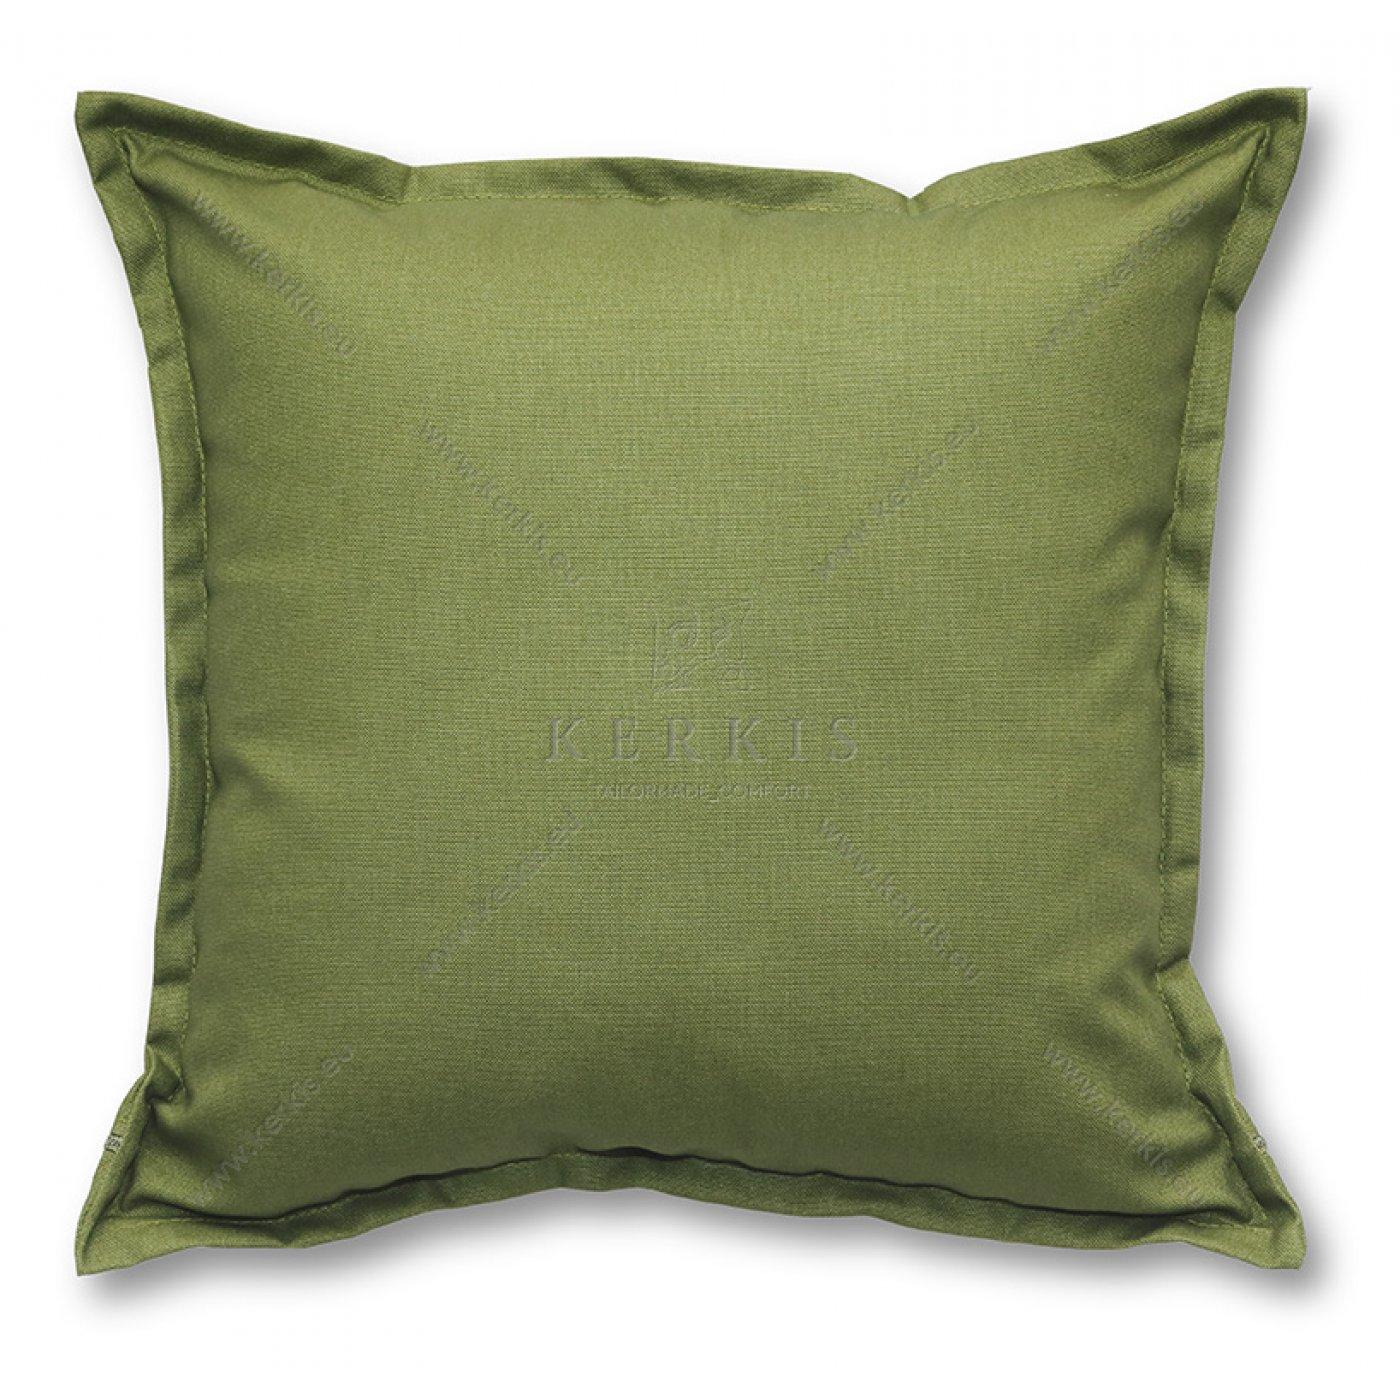 Μαξιλάρι διακοσμητικό πράσινο